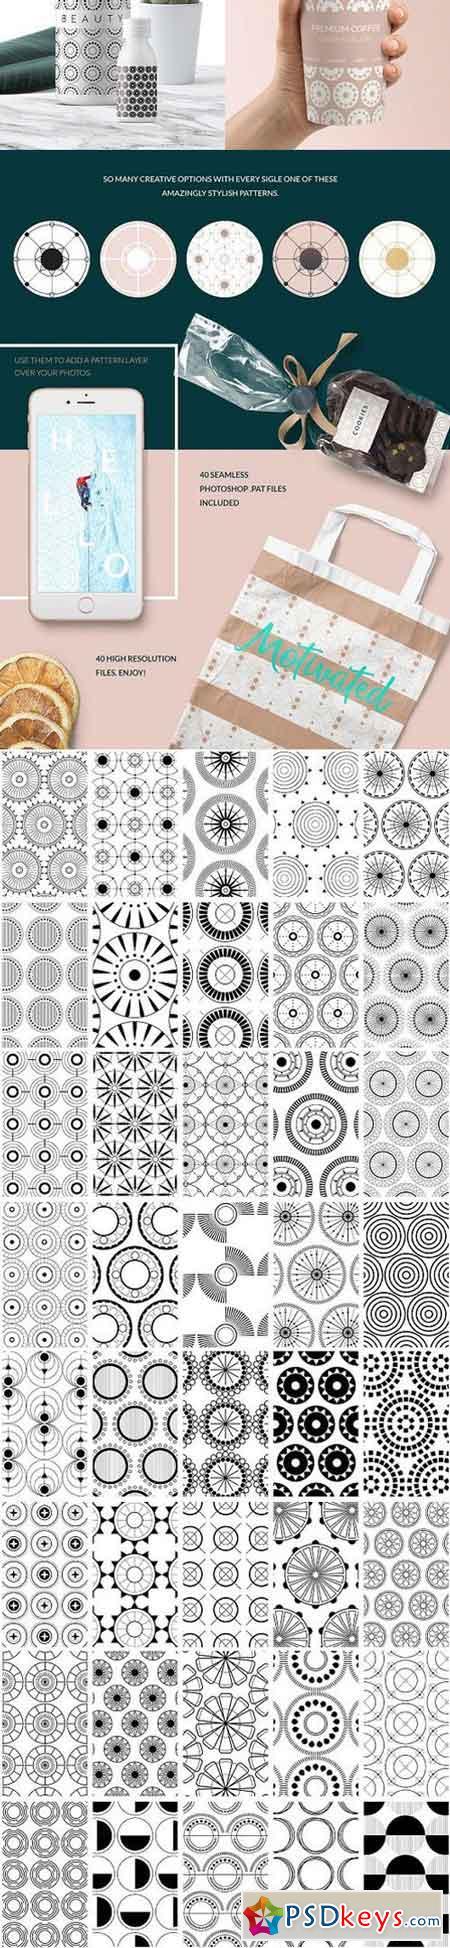 Circular Patterns Set 1275818